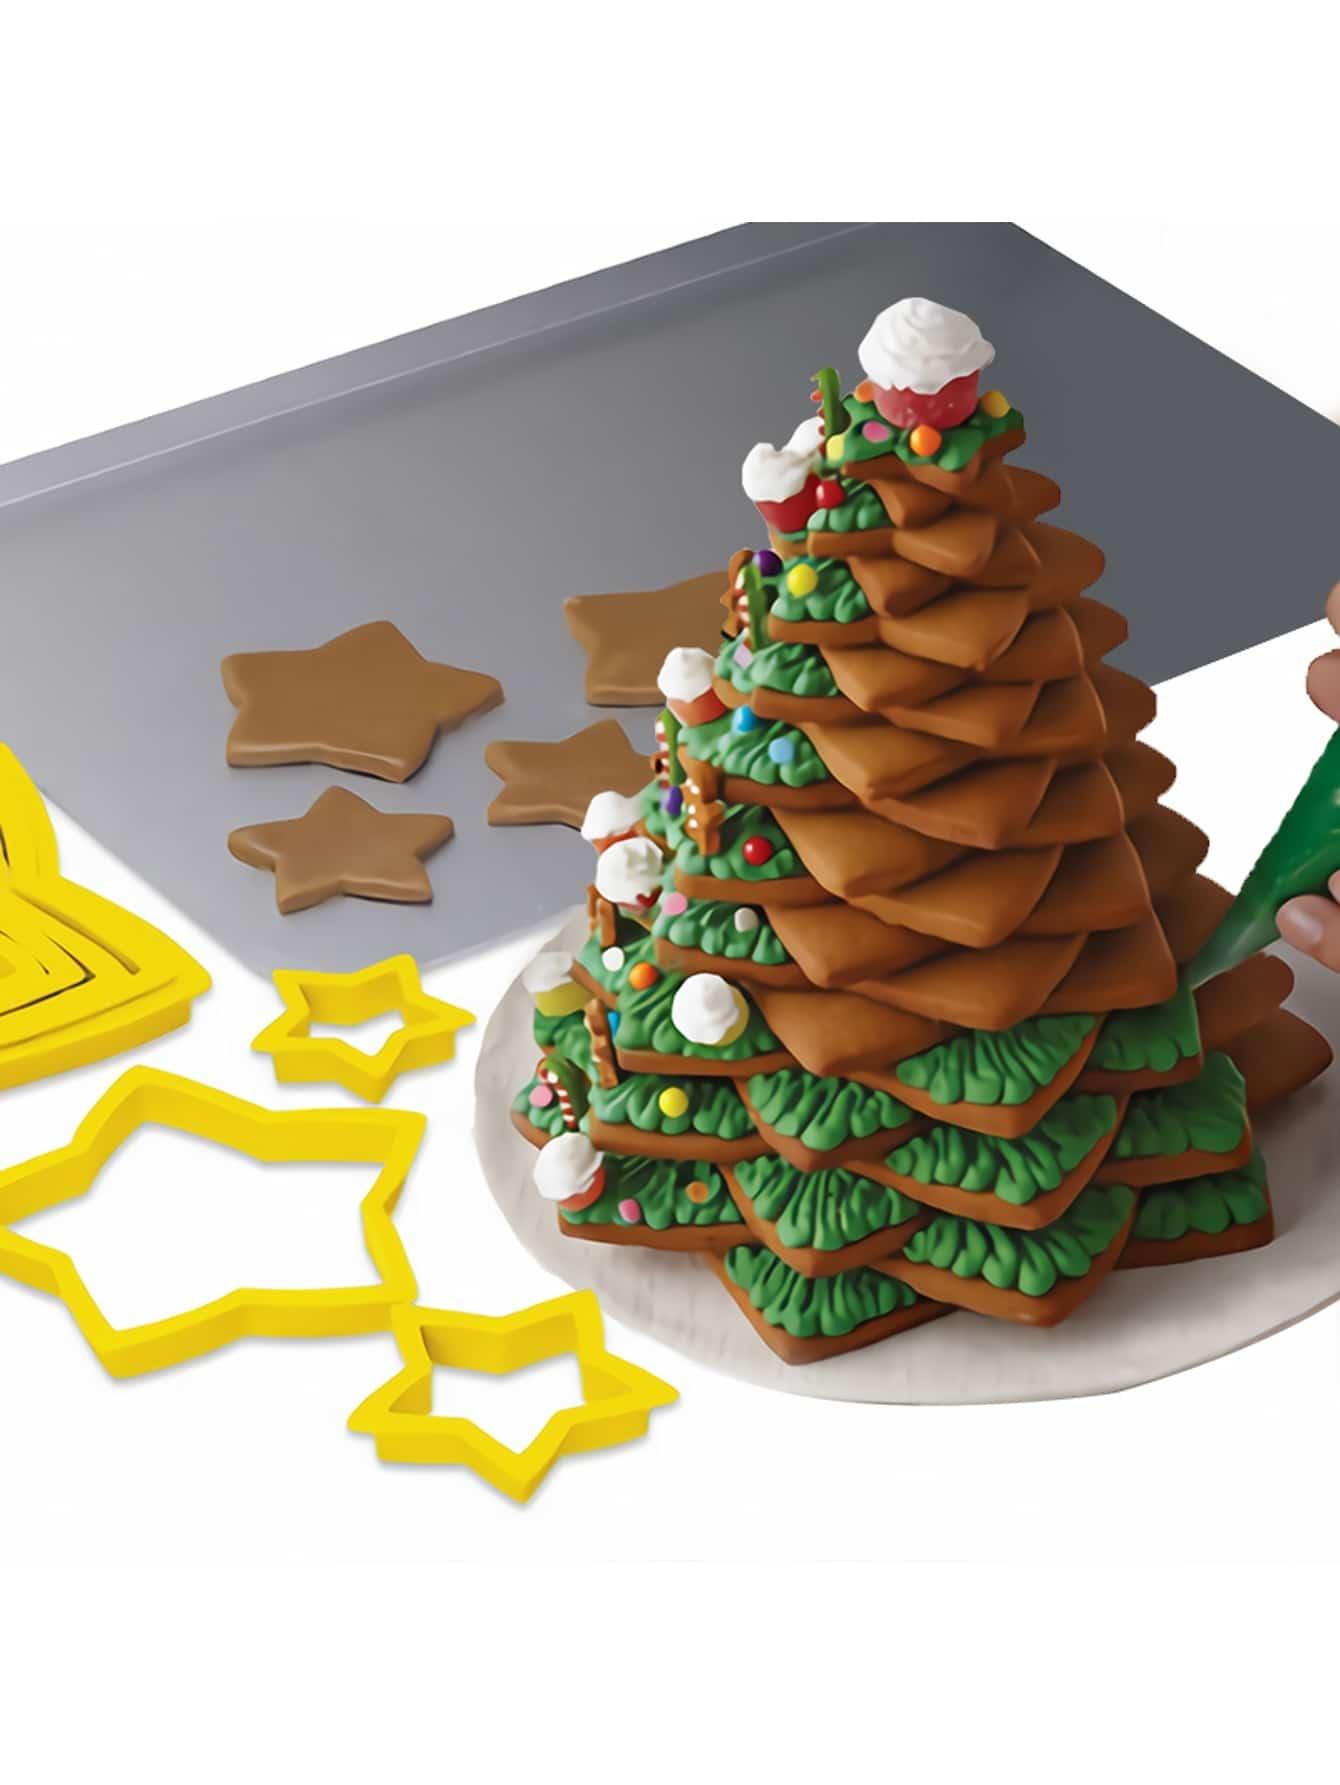 Купить Формовка для выпечки в форме рождественской звезды 4 шт, null, SheIn